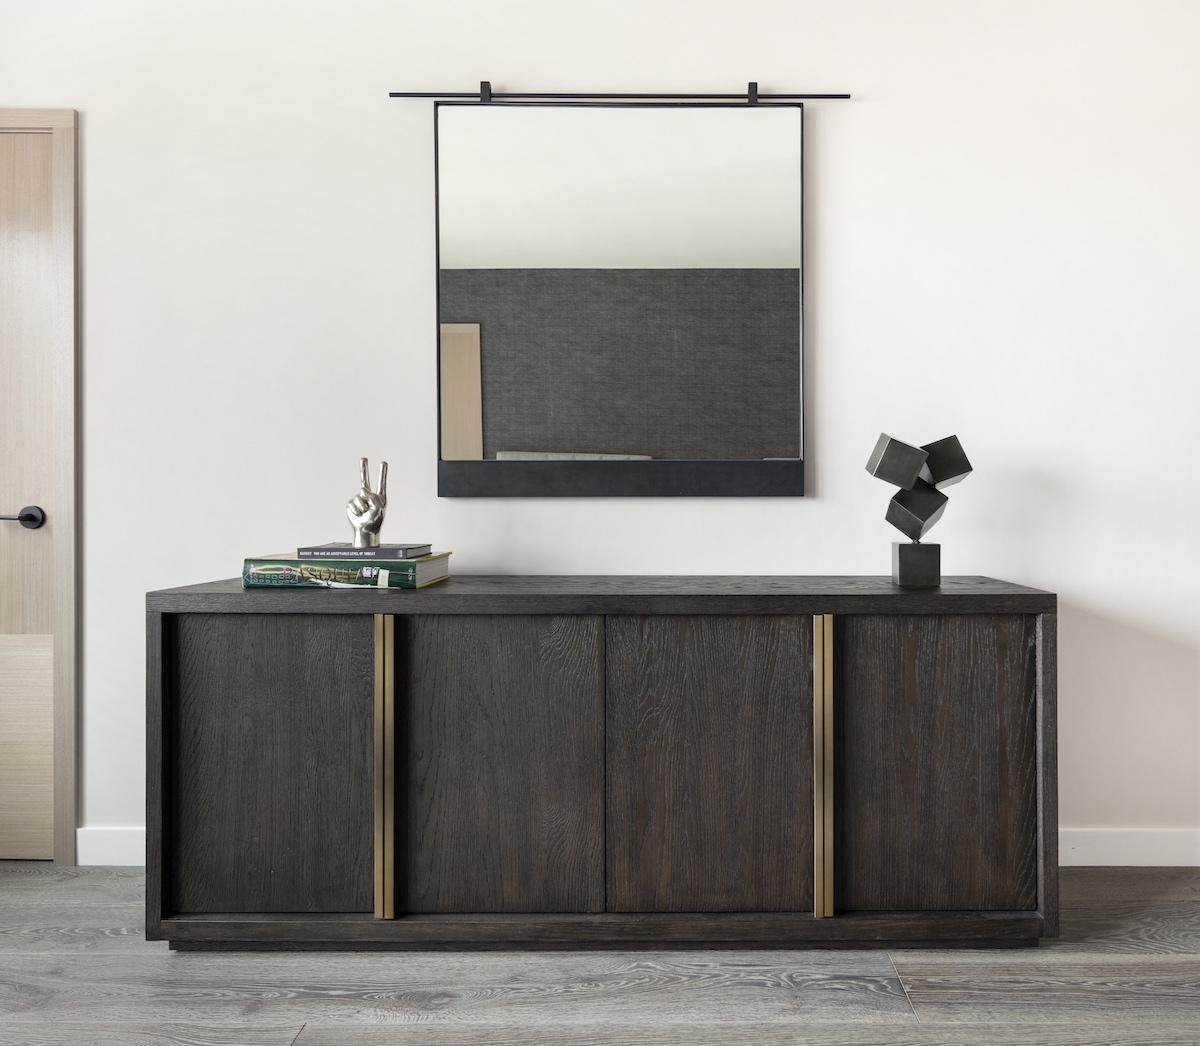 bedroom-dresser-side-table-interior-design